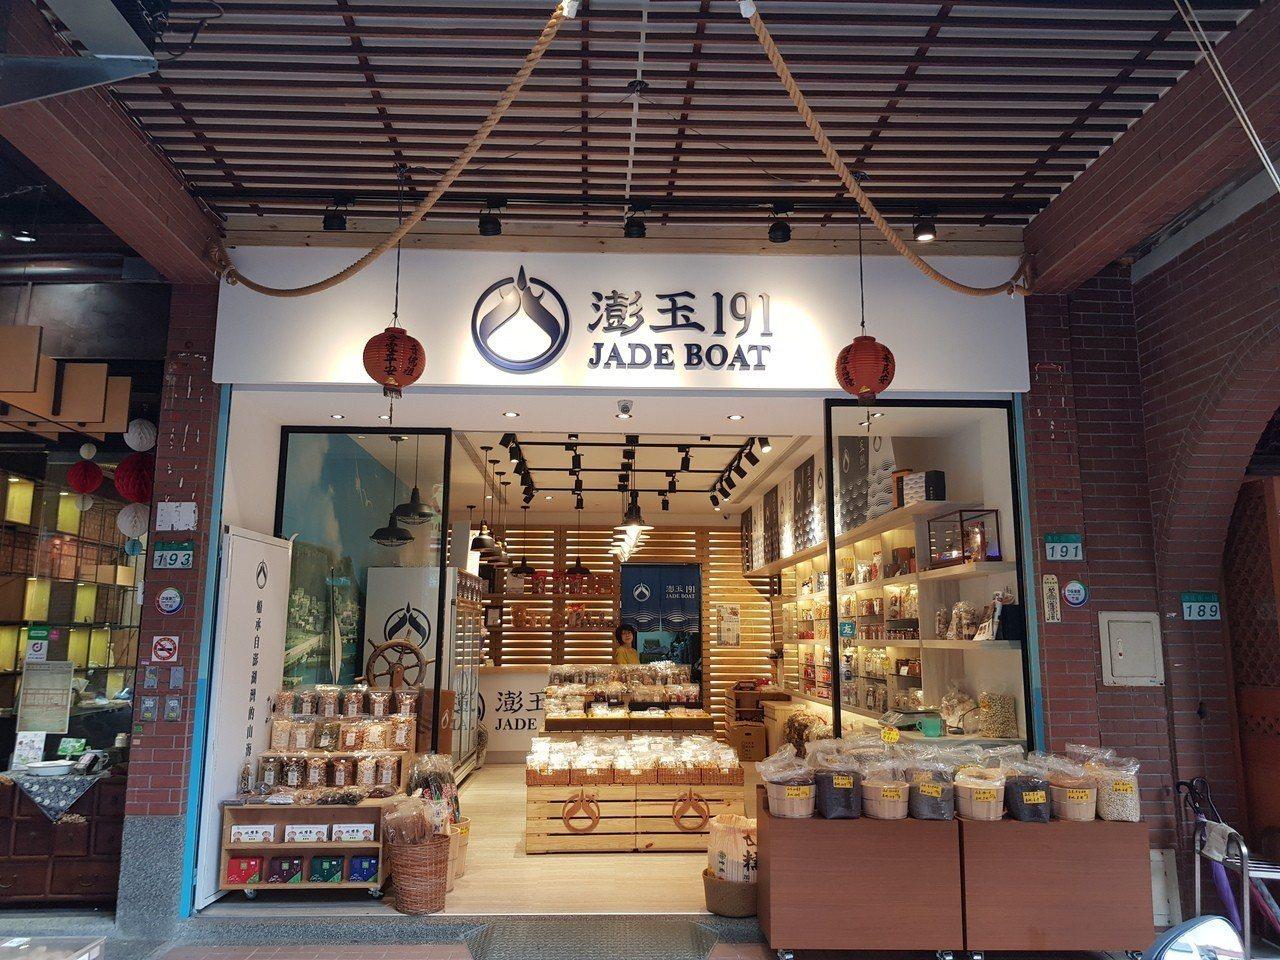 原名「成達行」的「澎玉191」是迪化街30年的南北貨批發店家。記者翁浩然/攝影